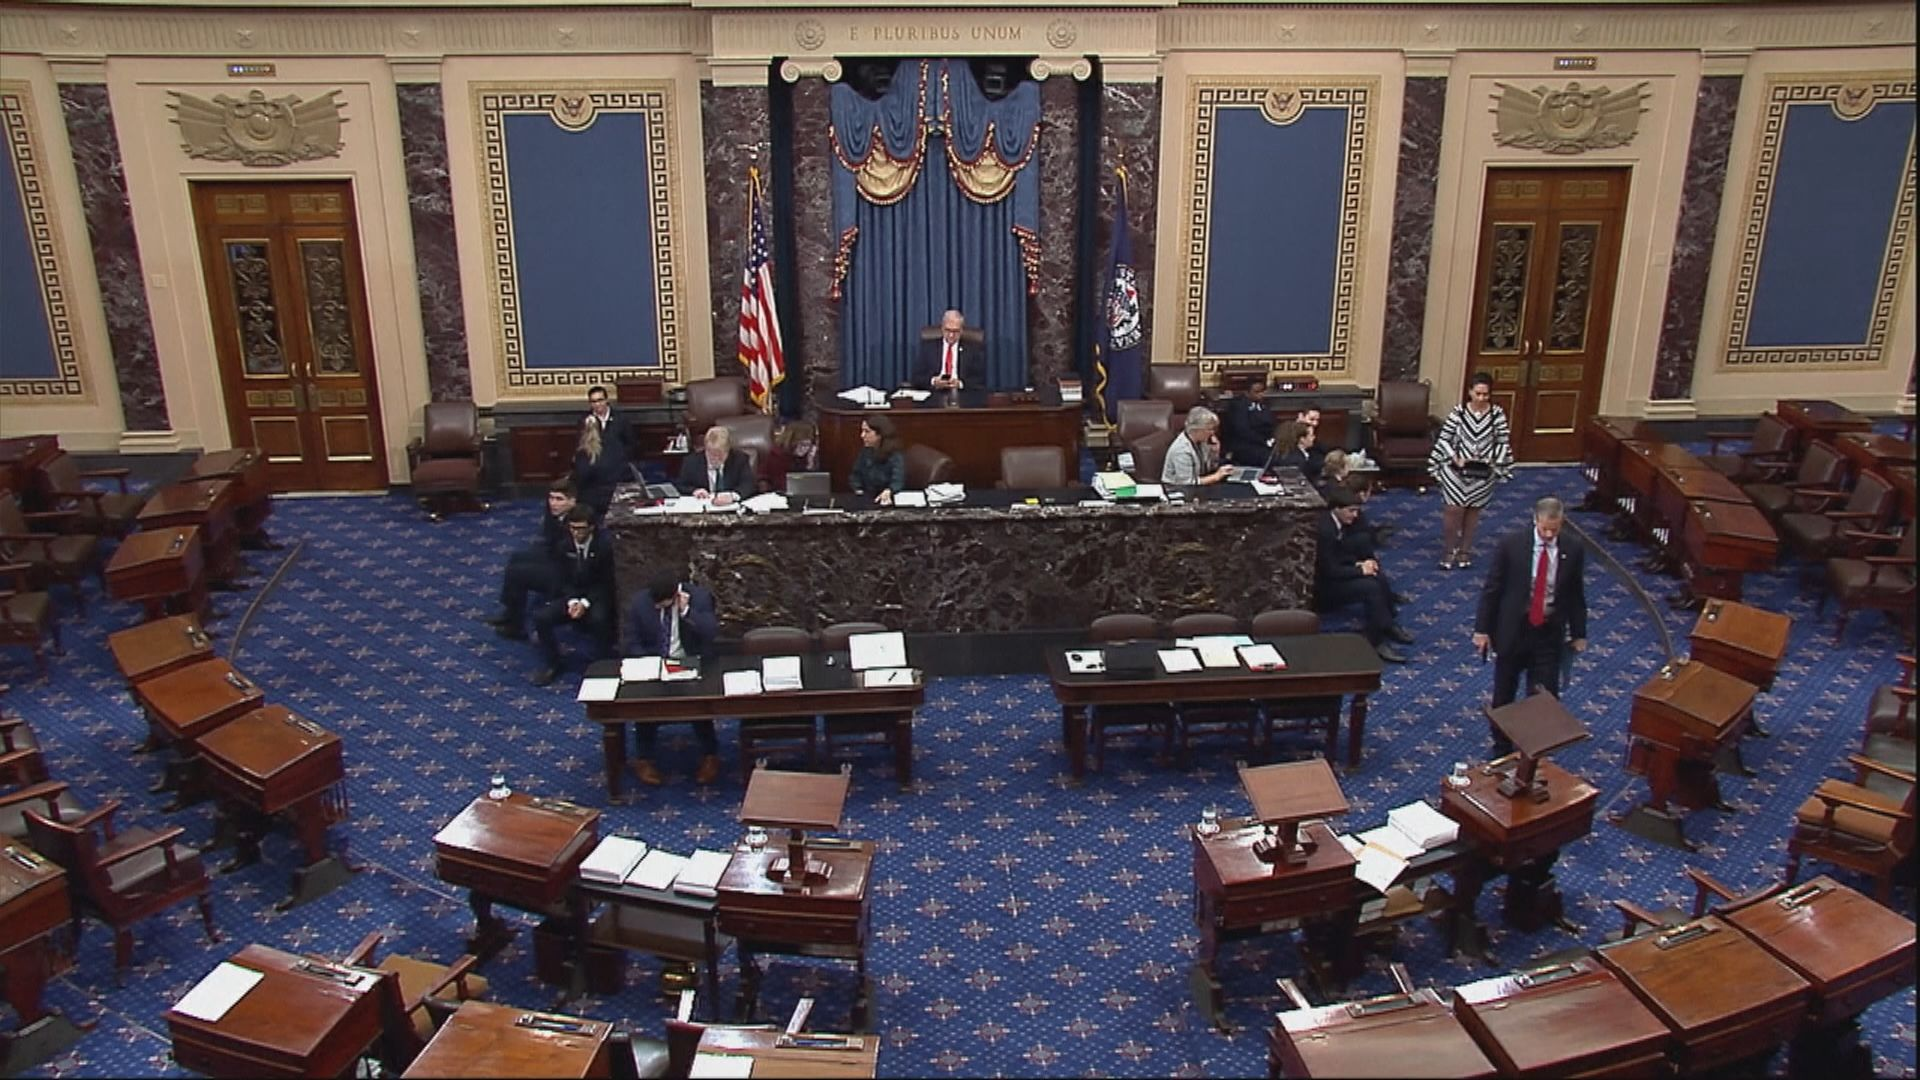 參議院多數黨領袖決定彈劾審訊流程